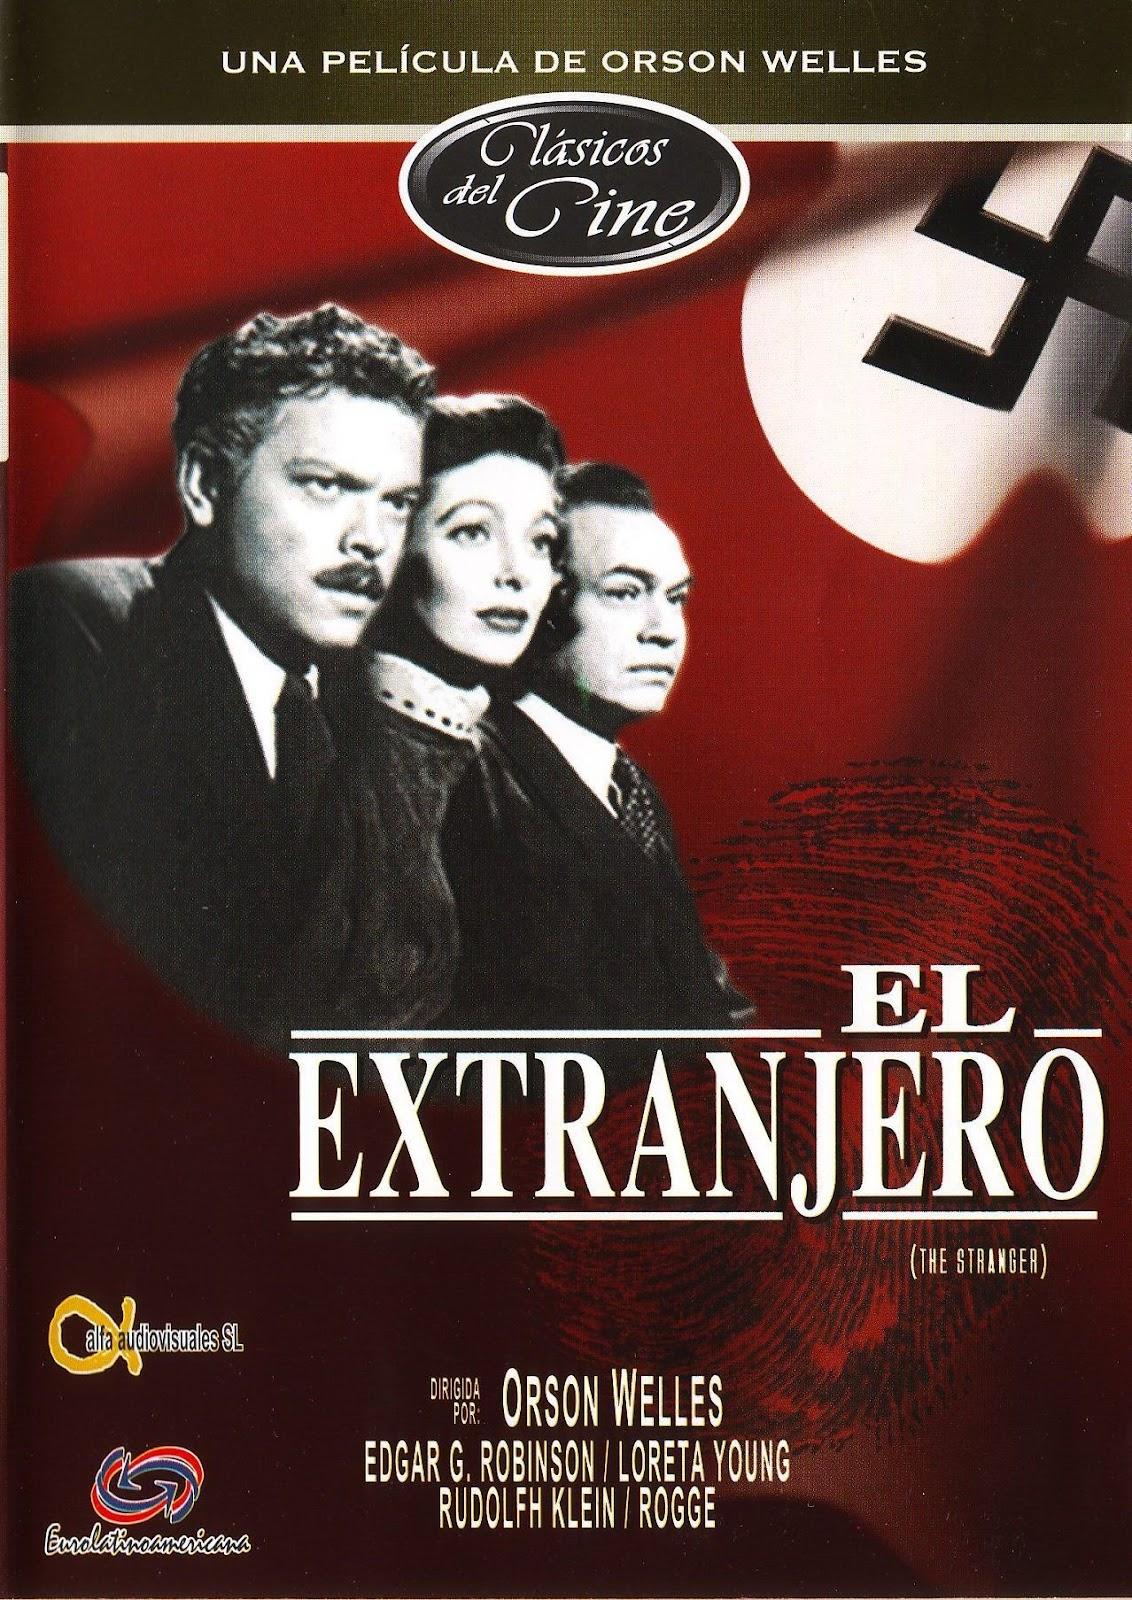 El Extraño (El Extranjero) (The Stranger) (1946)